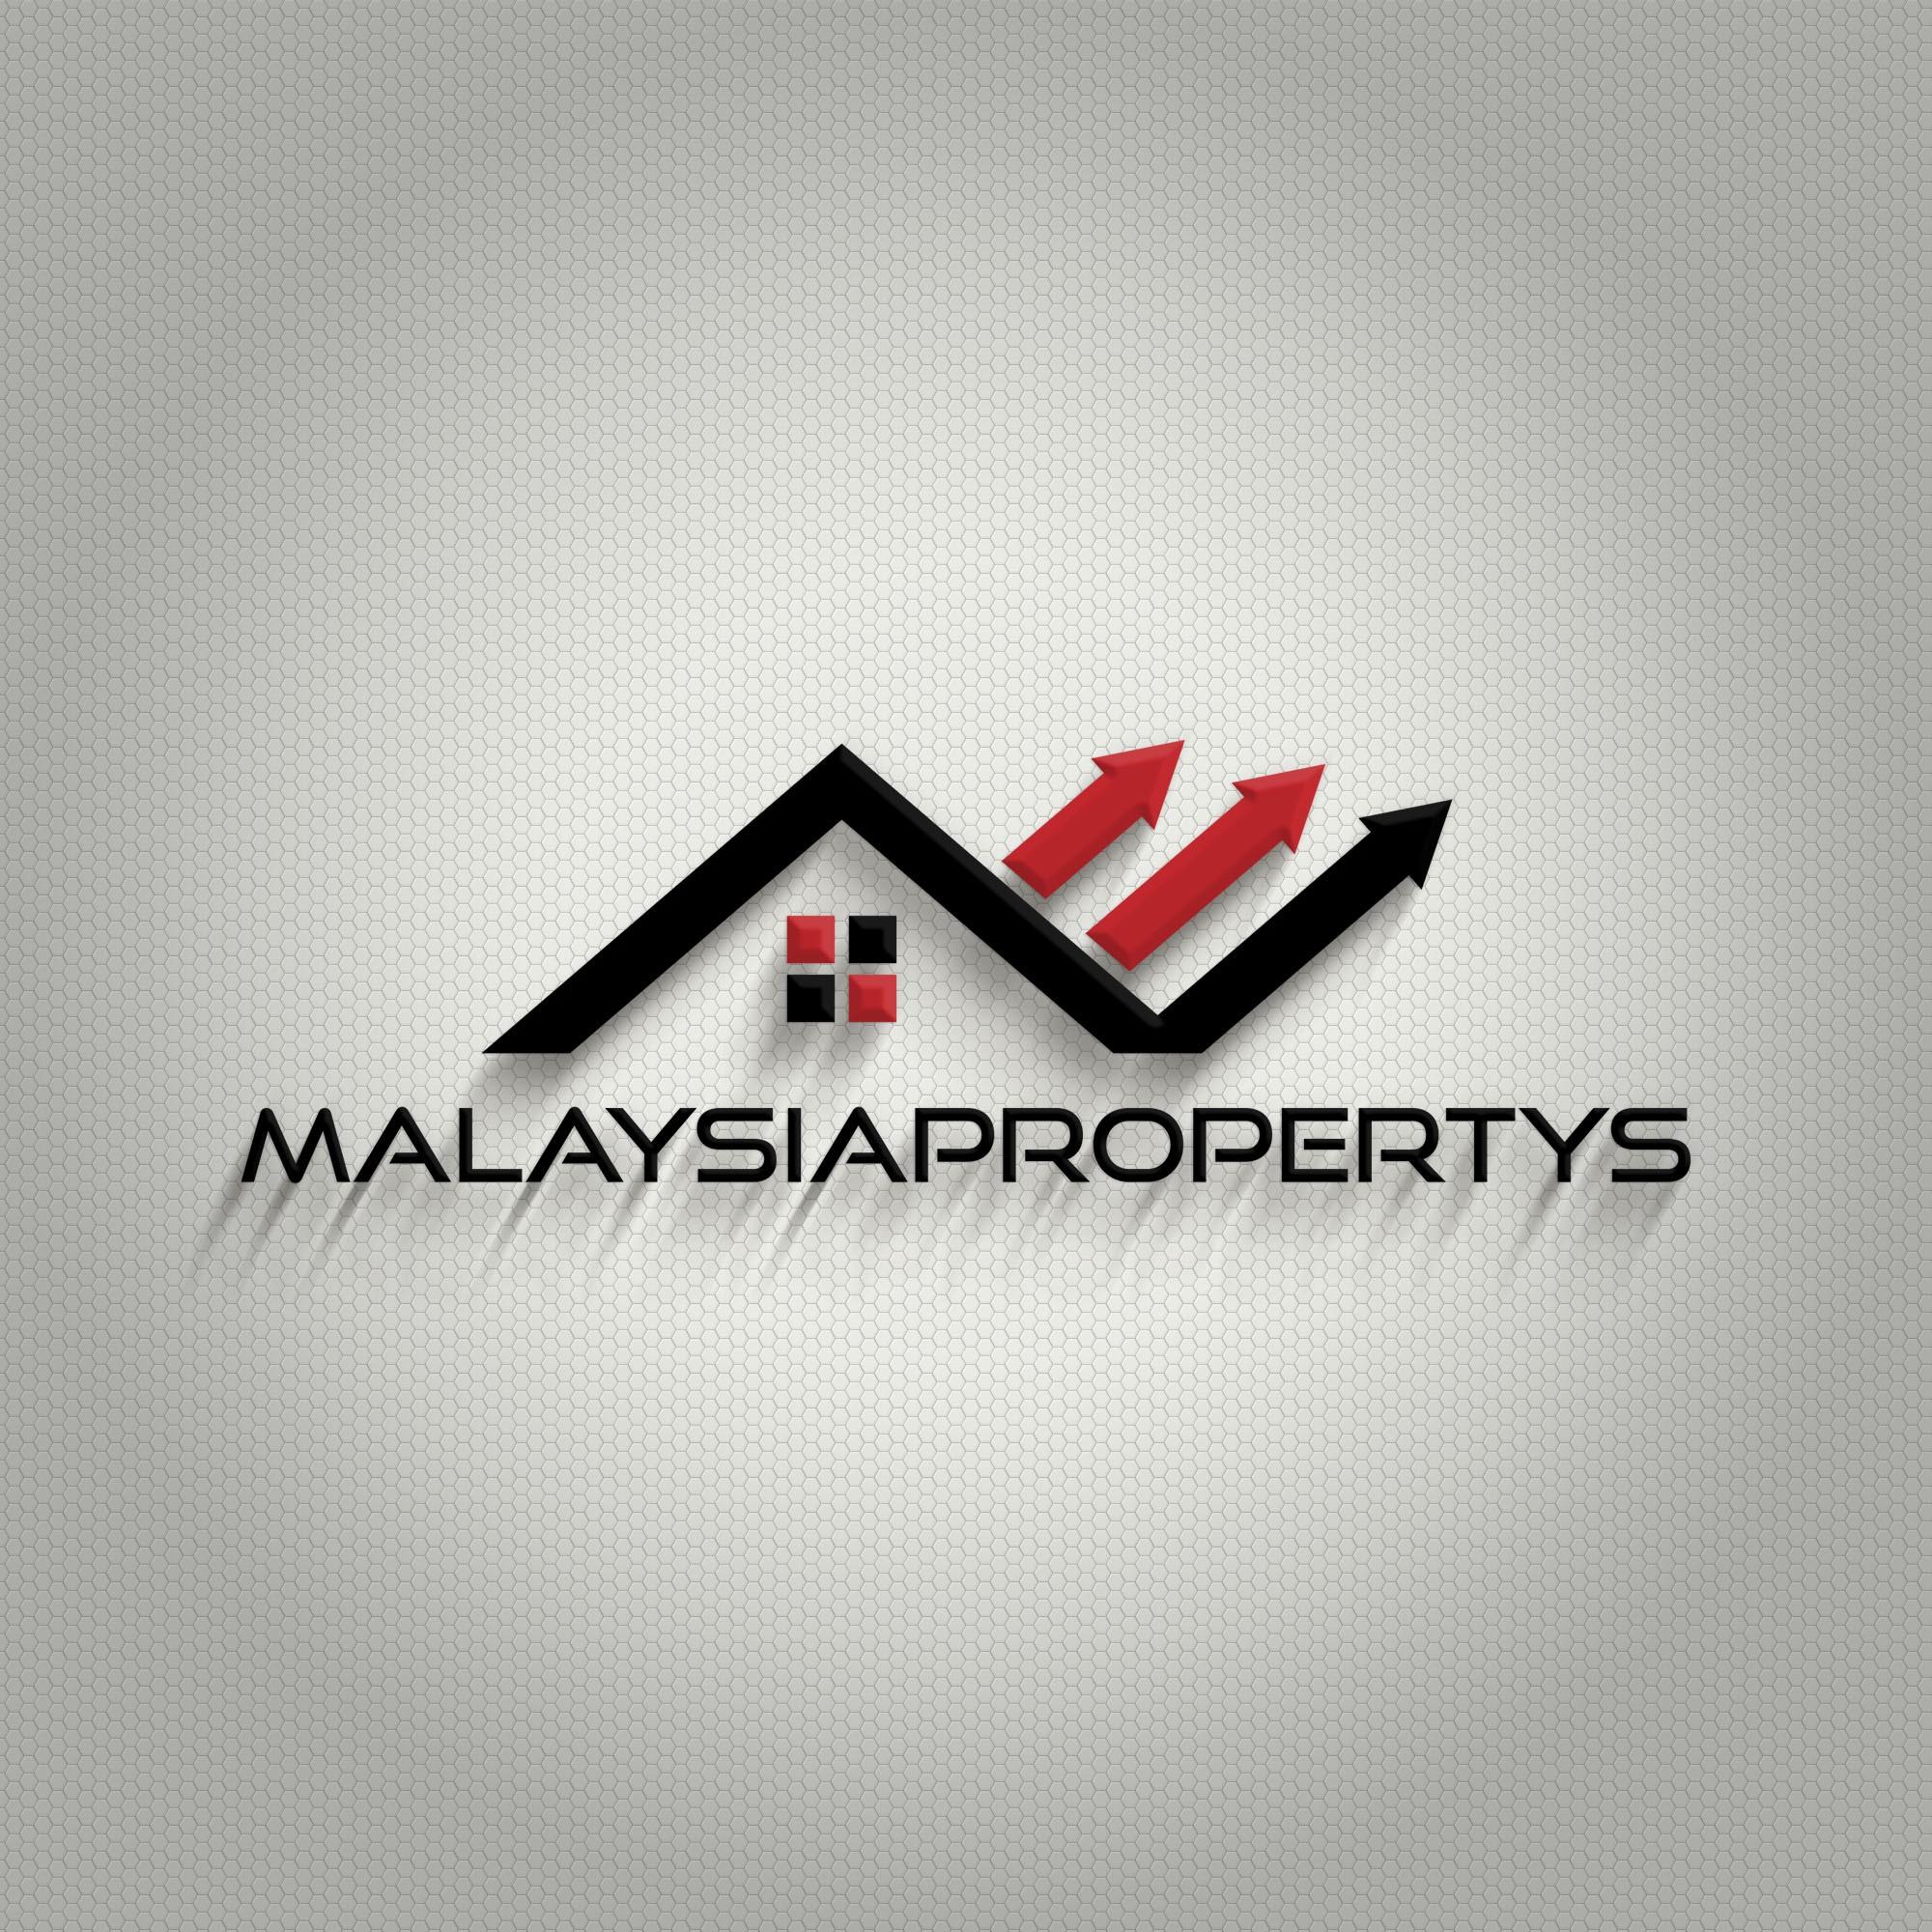 Home - Malaysiapropertys.com